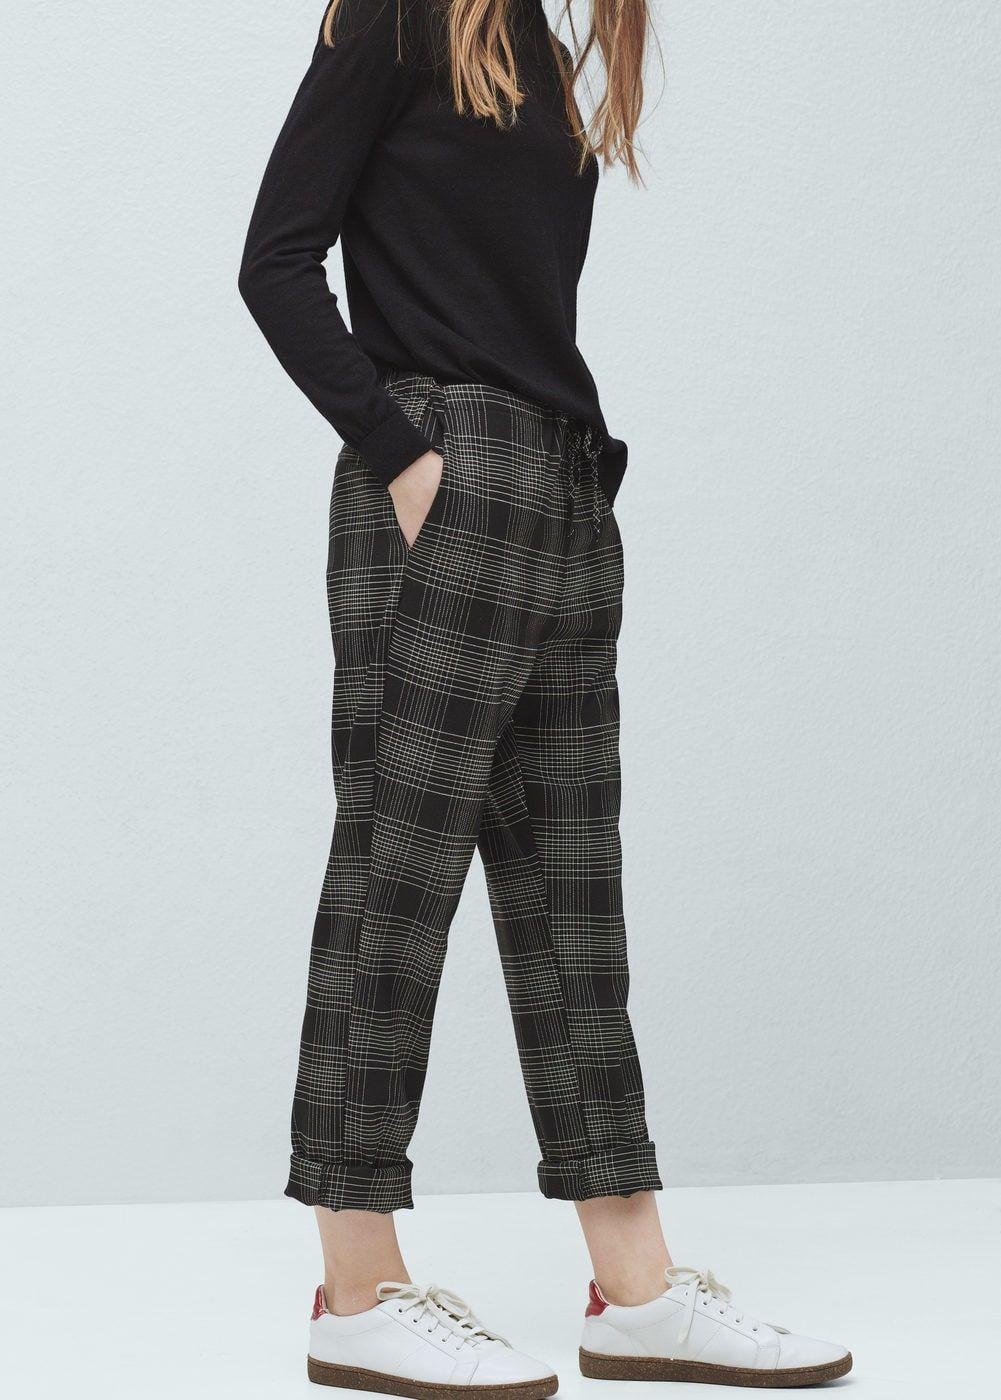 Pantalón cuadros cinturón - Mujer en 2019  4e30325954aa5